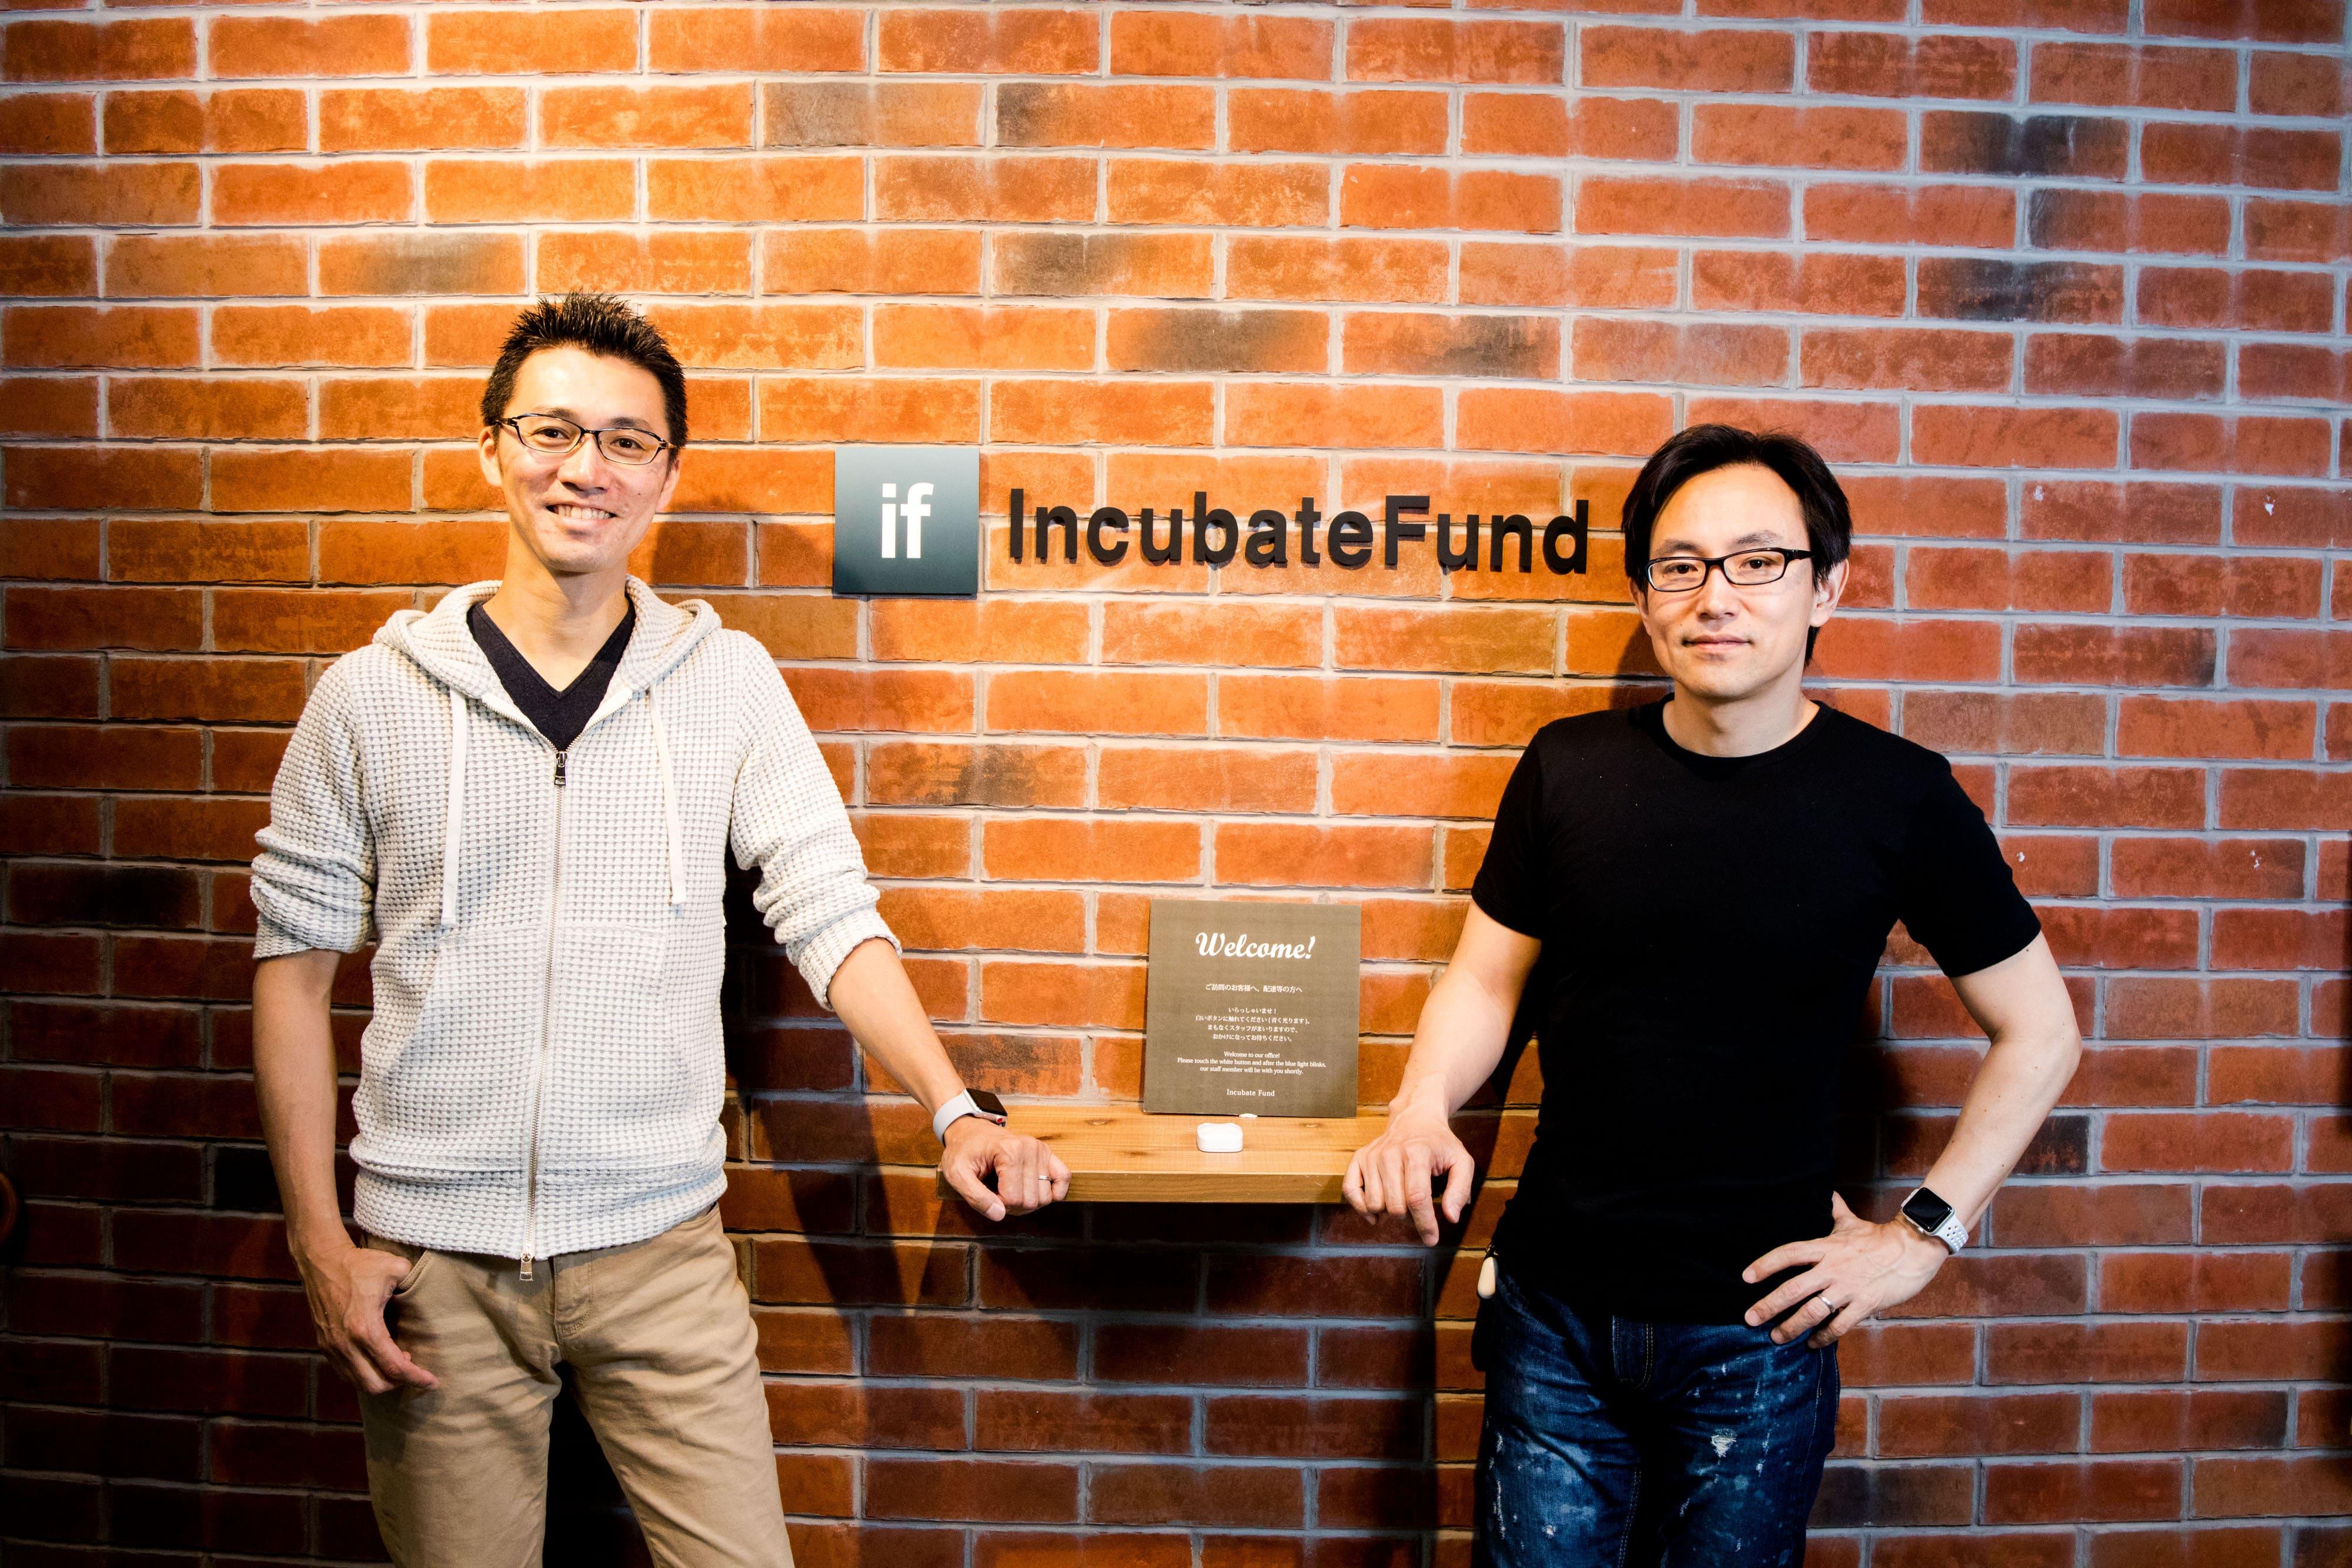 起業家、そして投資家という両サイドから日本のスタートアップ業界を20年近くに渡って見てきた村田氏に、起業の困難と喜び、そして日本のスタートアップ業界が面する課題について話を聞いた。